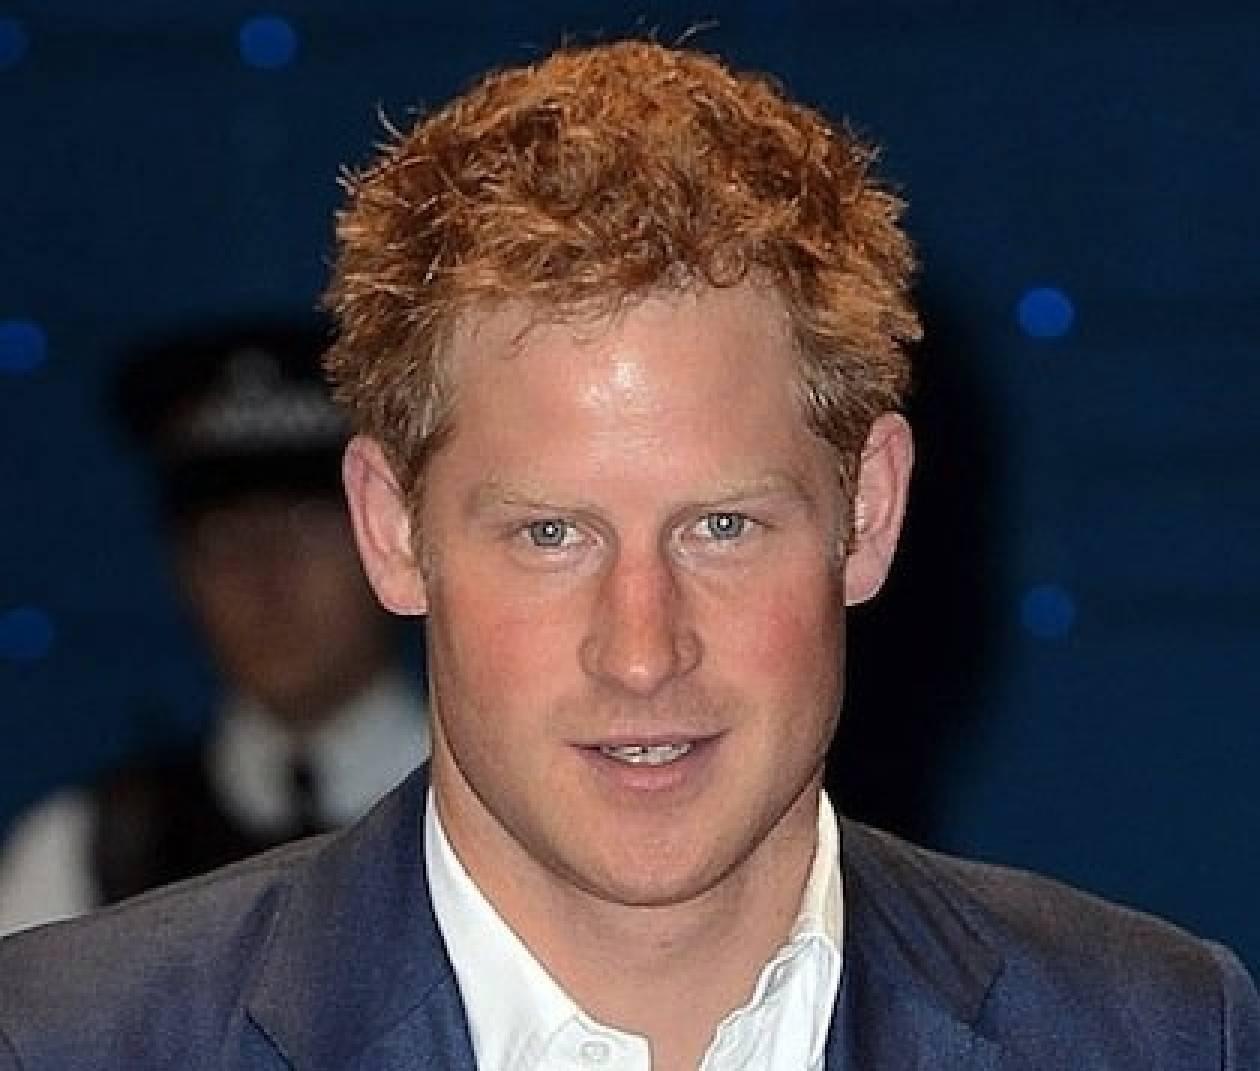 Τι ζήτησε ο πρίγκιπας Harry για να προσέχει το μωρό του αδερφού του;